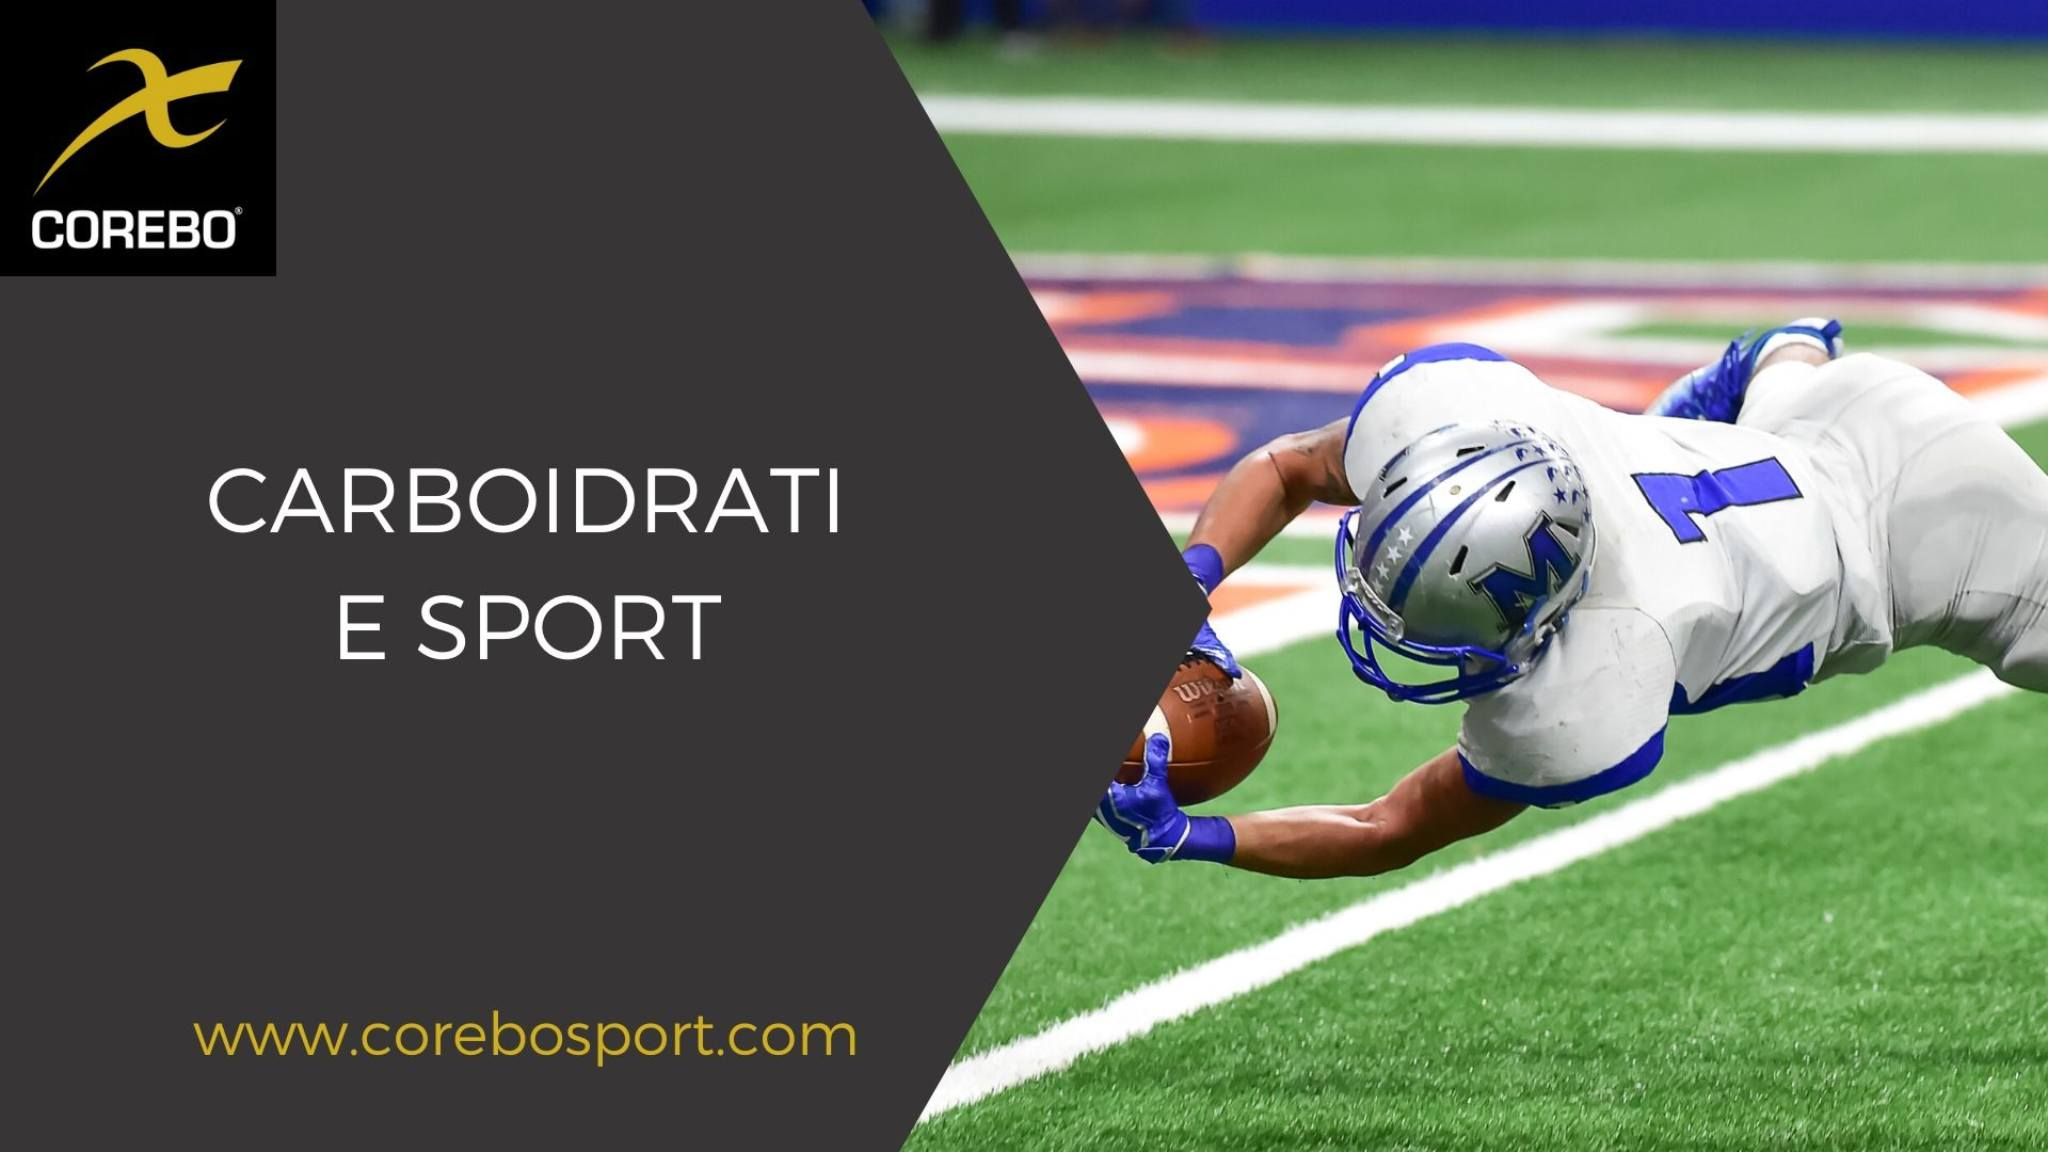 Carboidrati e Sport